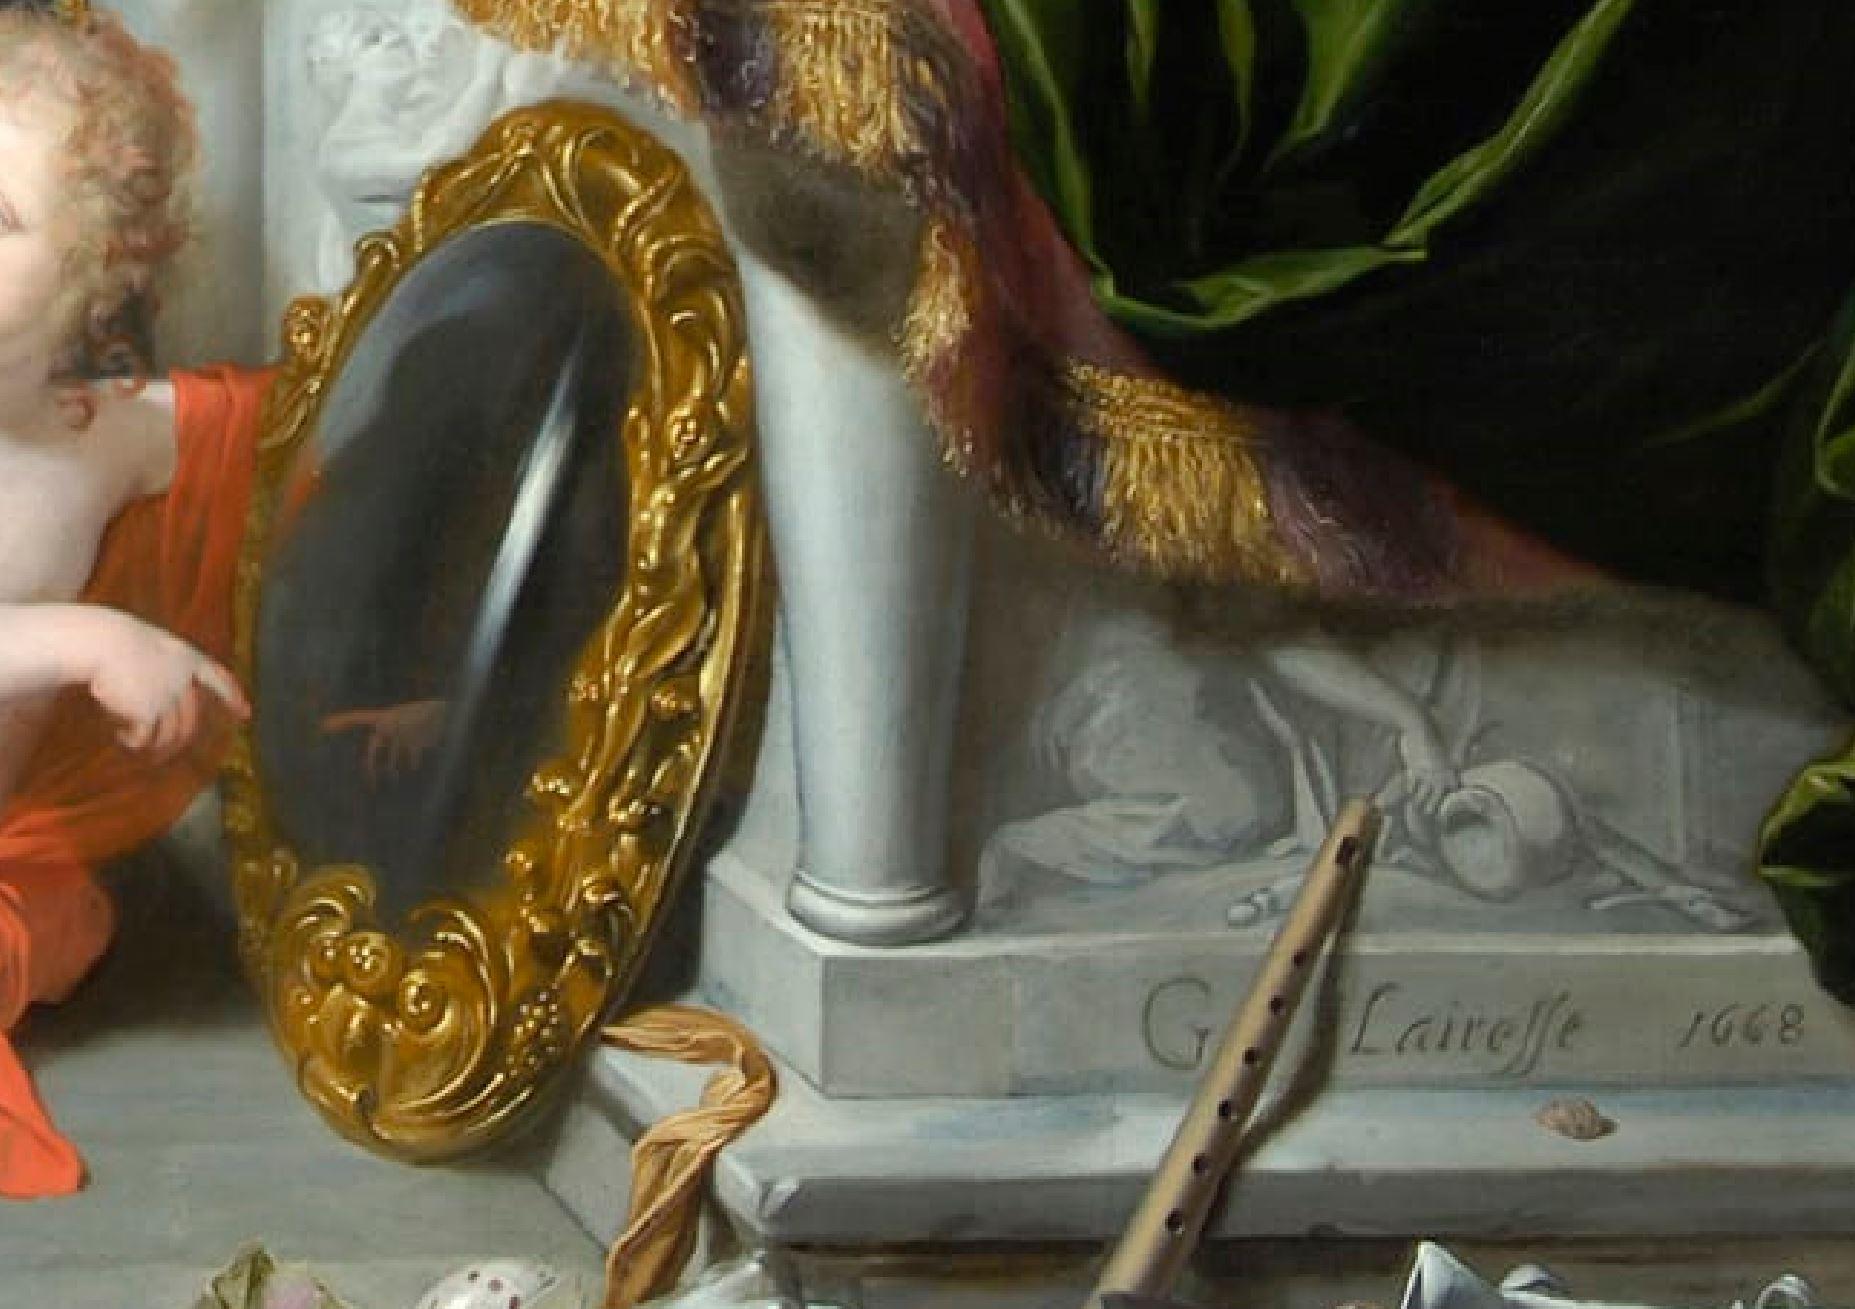 Lairesse 1668 Les cinq sens Glasgow museums detail mains